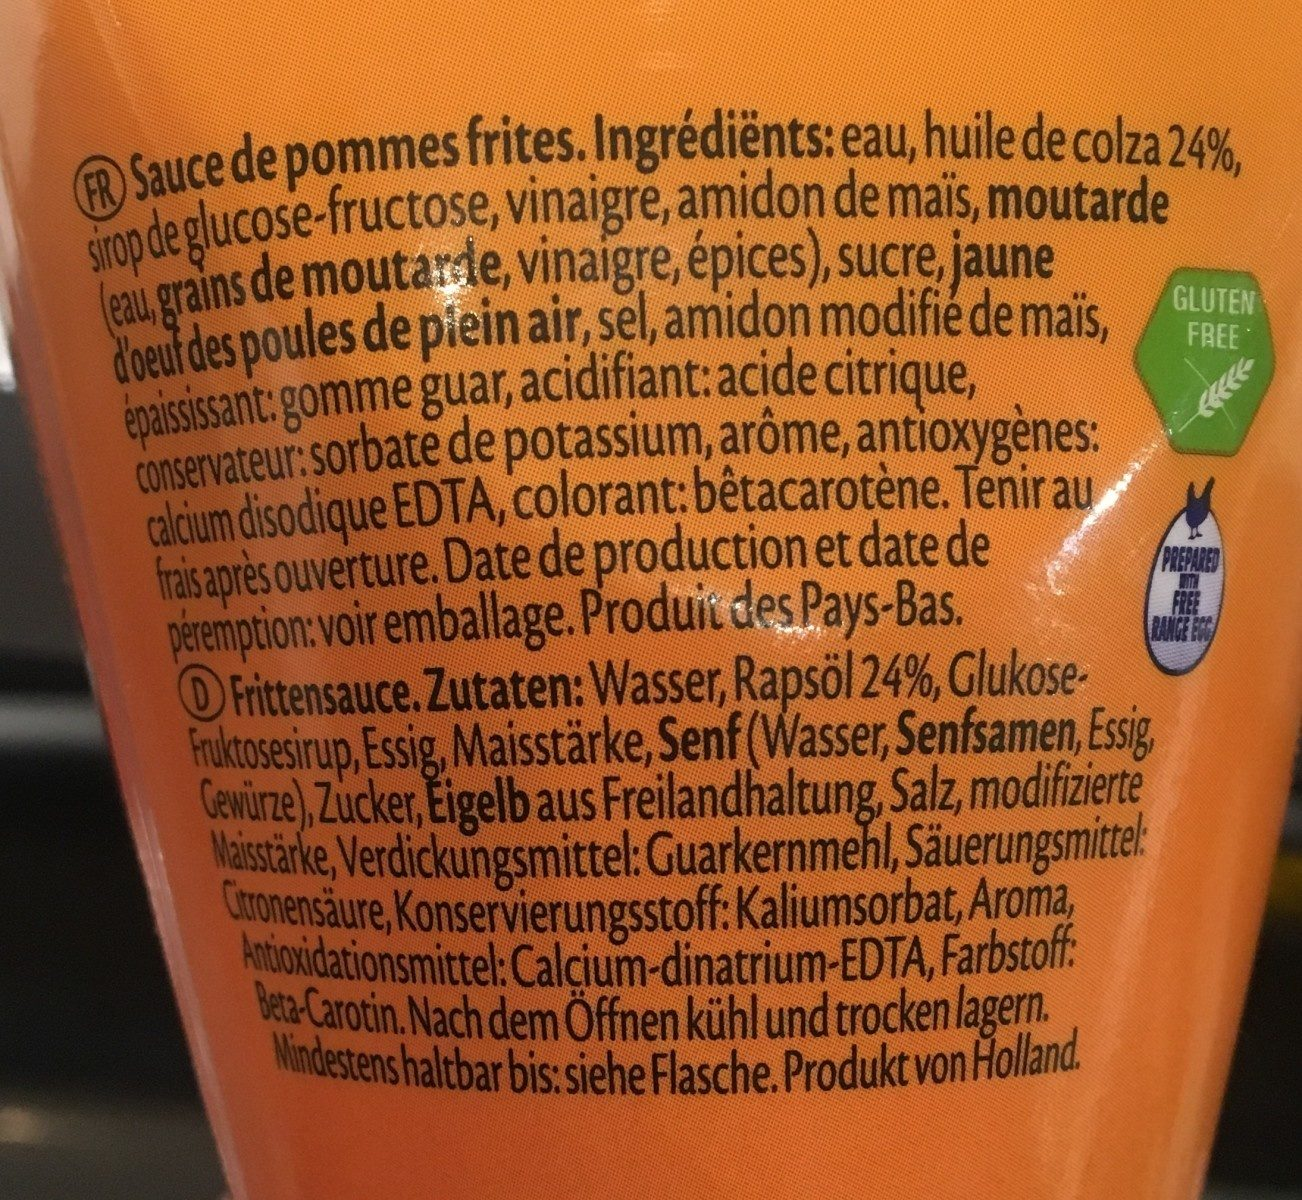 Sauce frites - Ingredients - fr